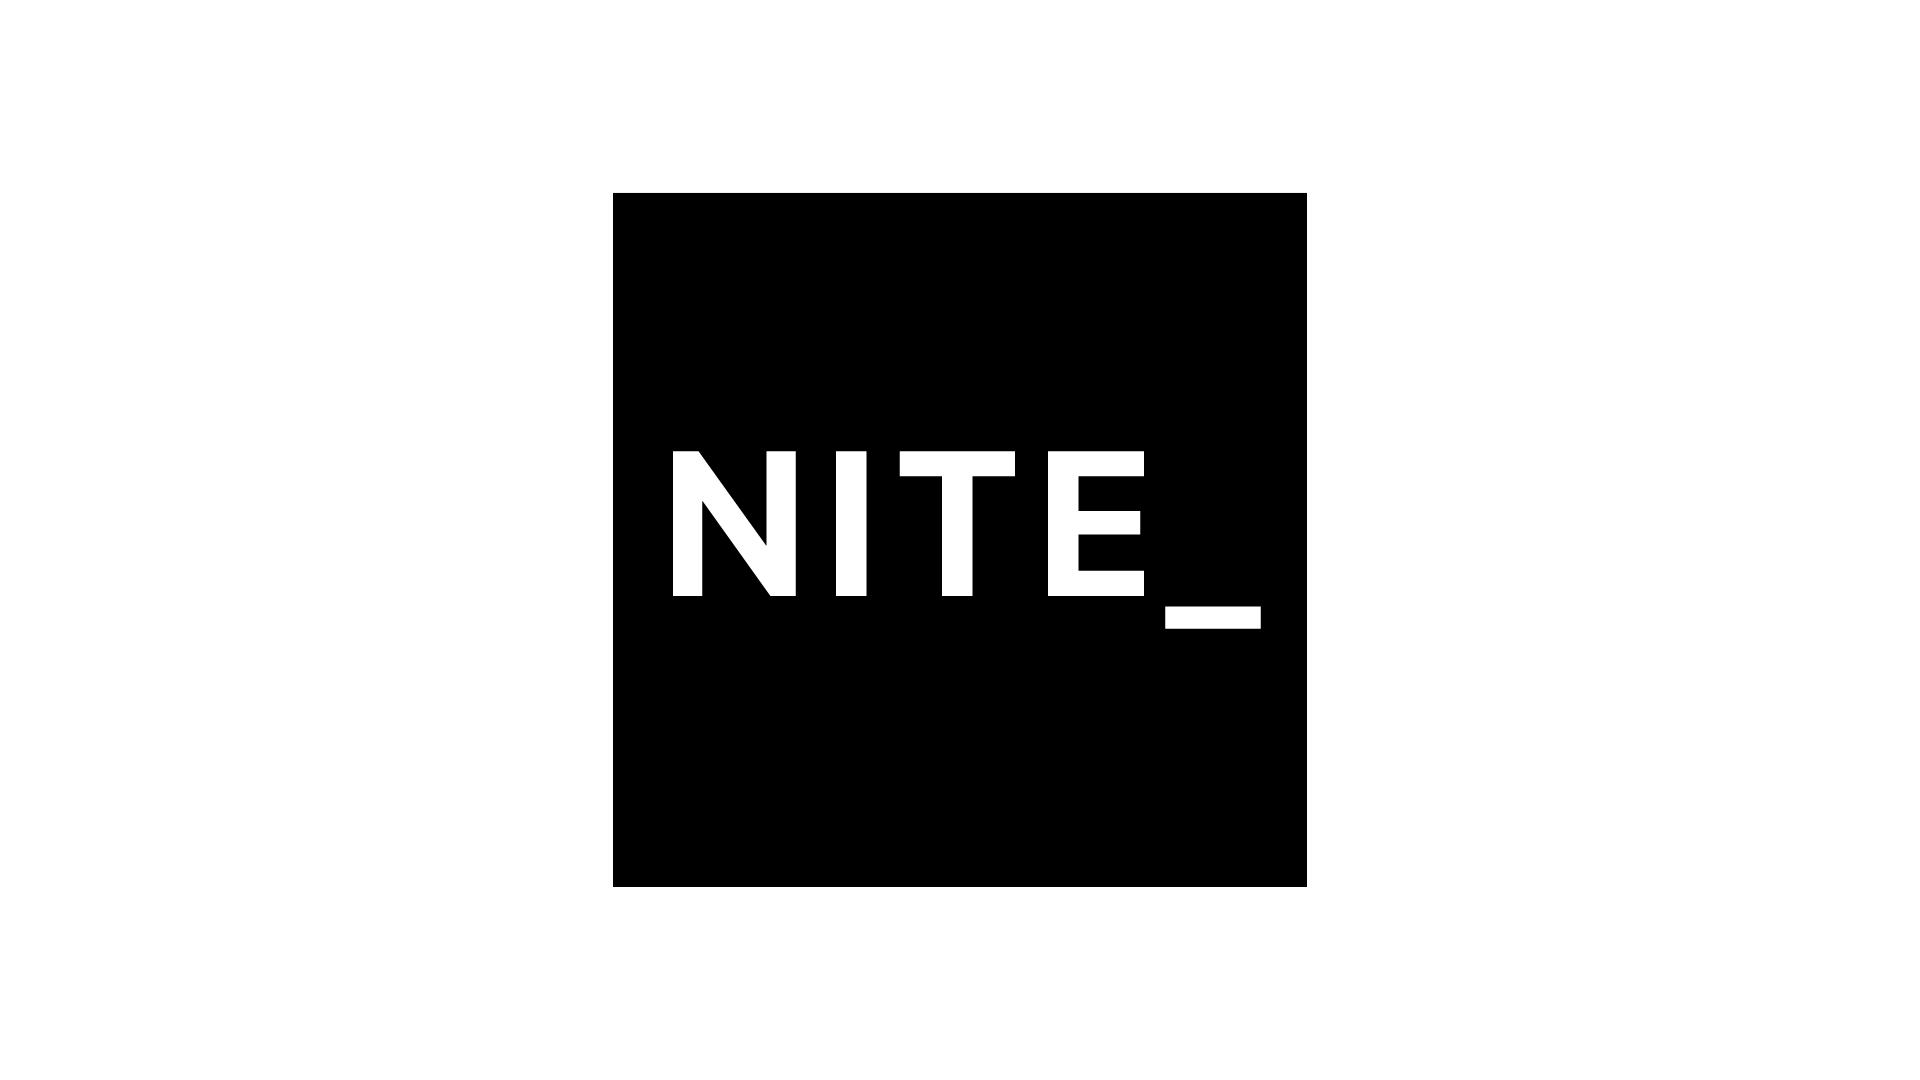 NITE_